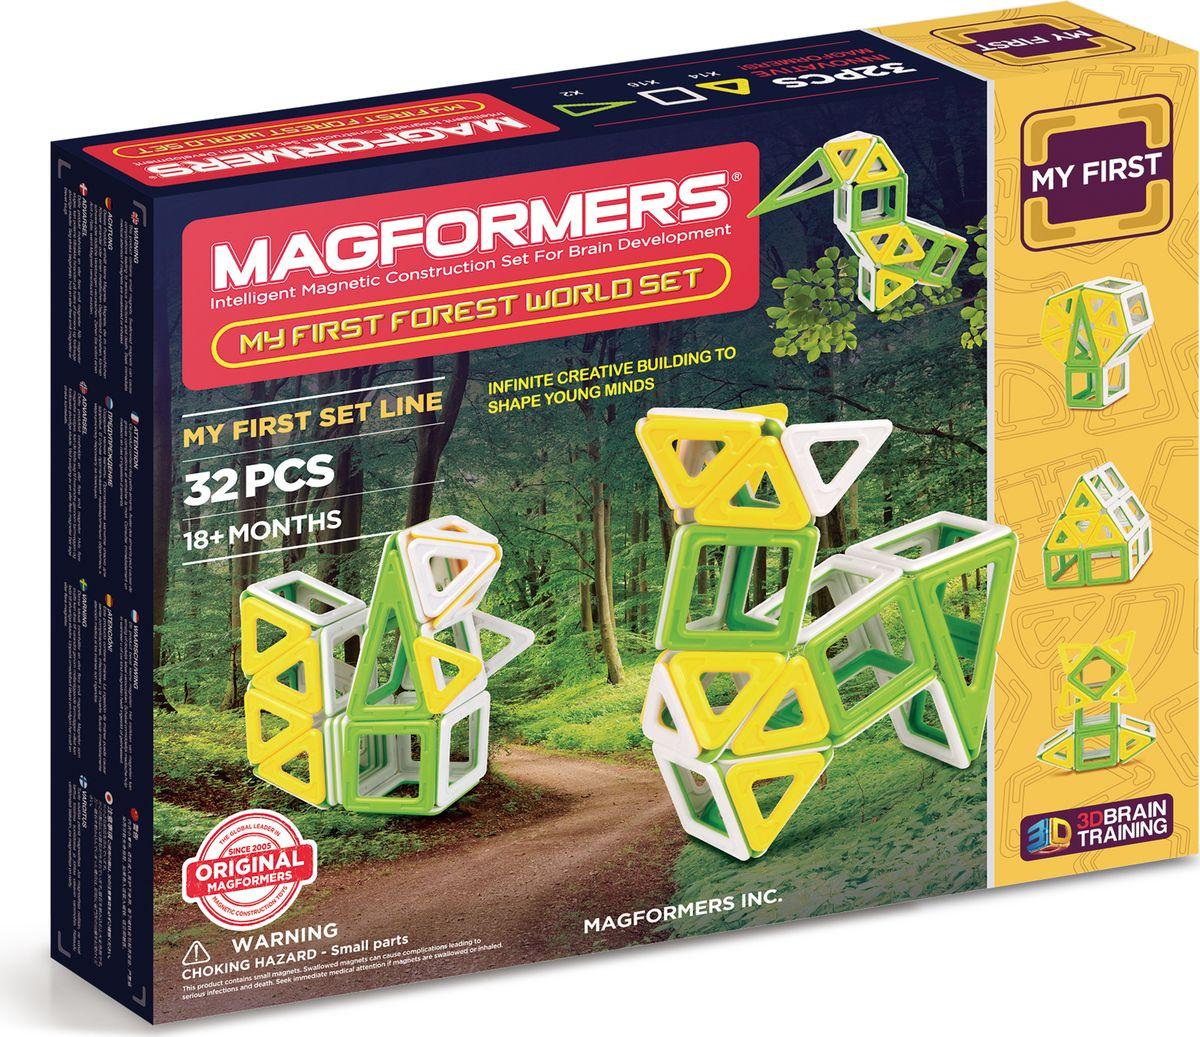 Magformers Магнитный конструктор My First Forest World Set